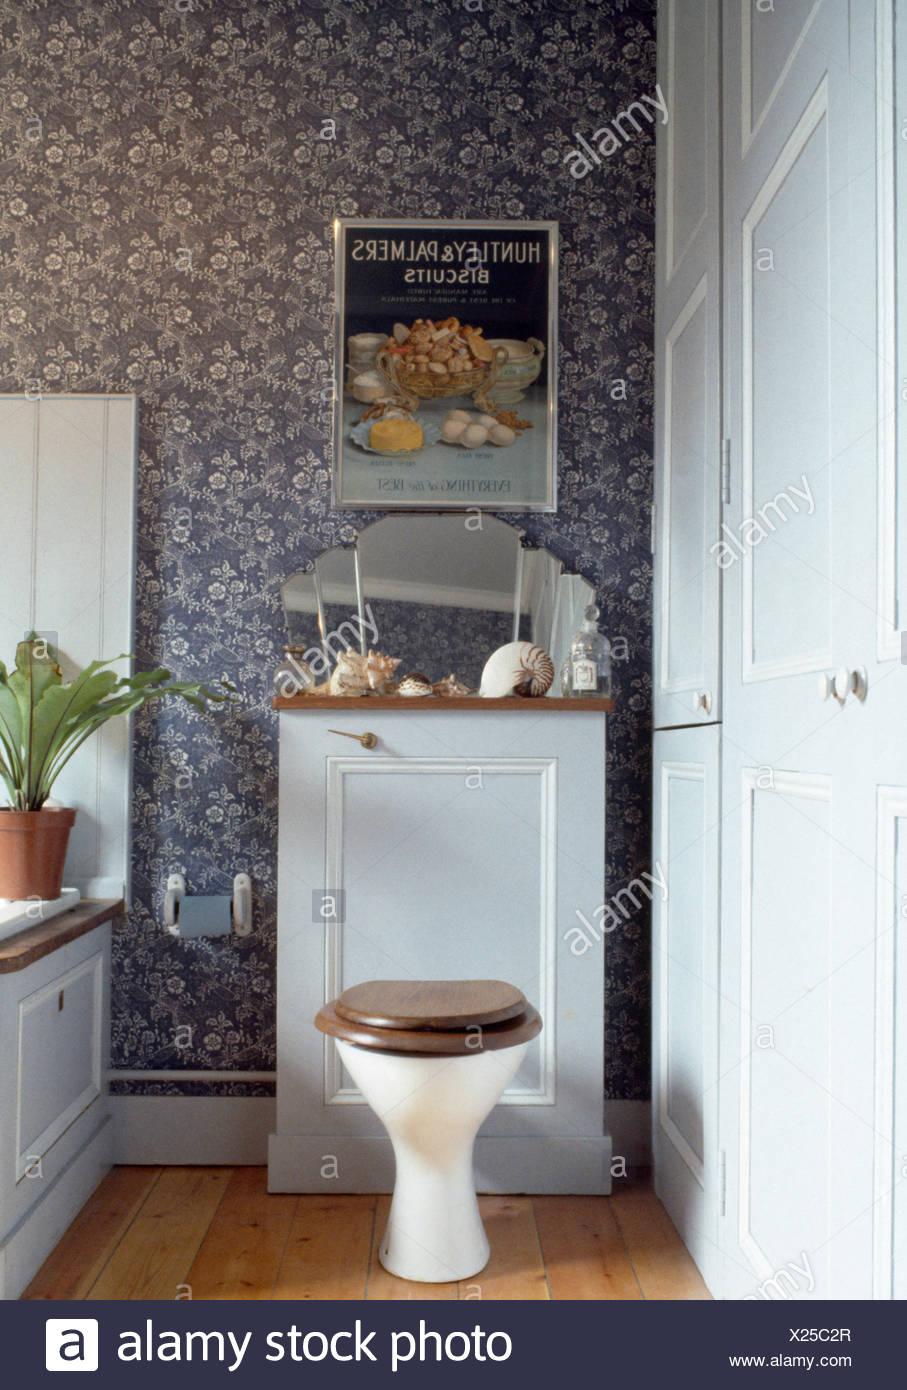 Papier Salle De Bain salle de bains avec toilettes dans années 70, papier peint